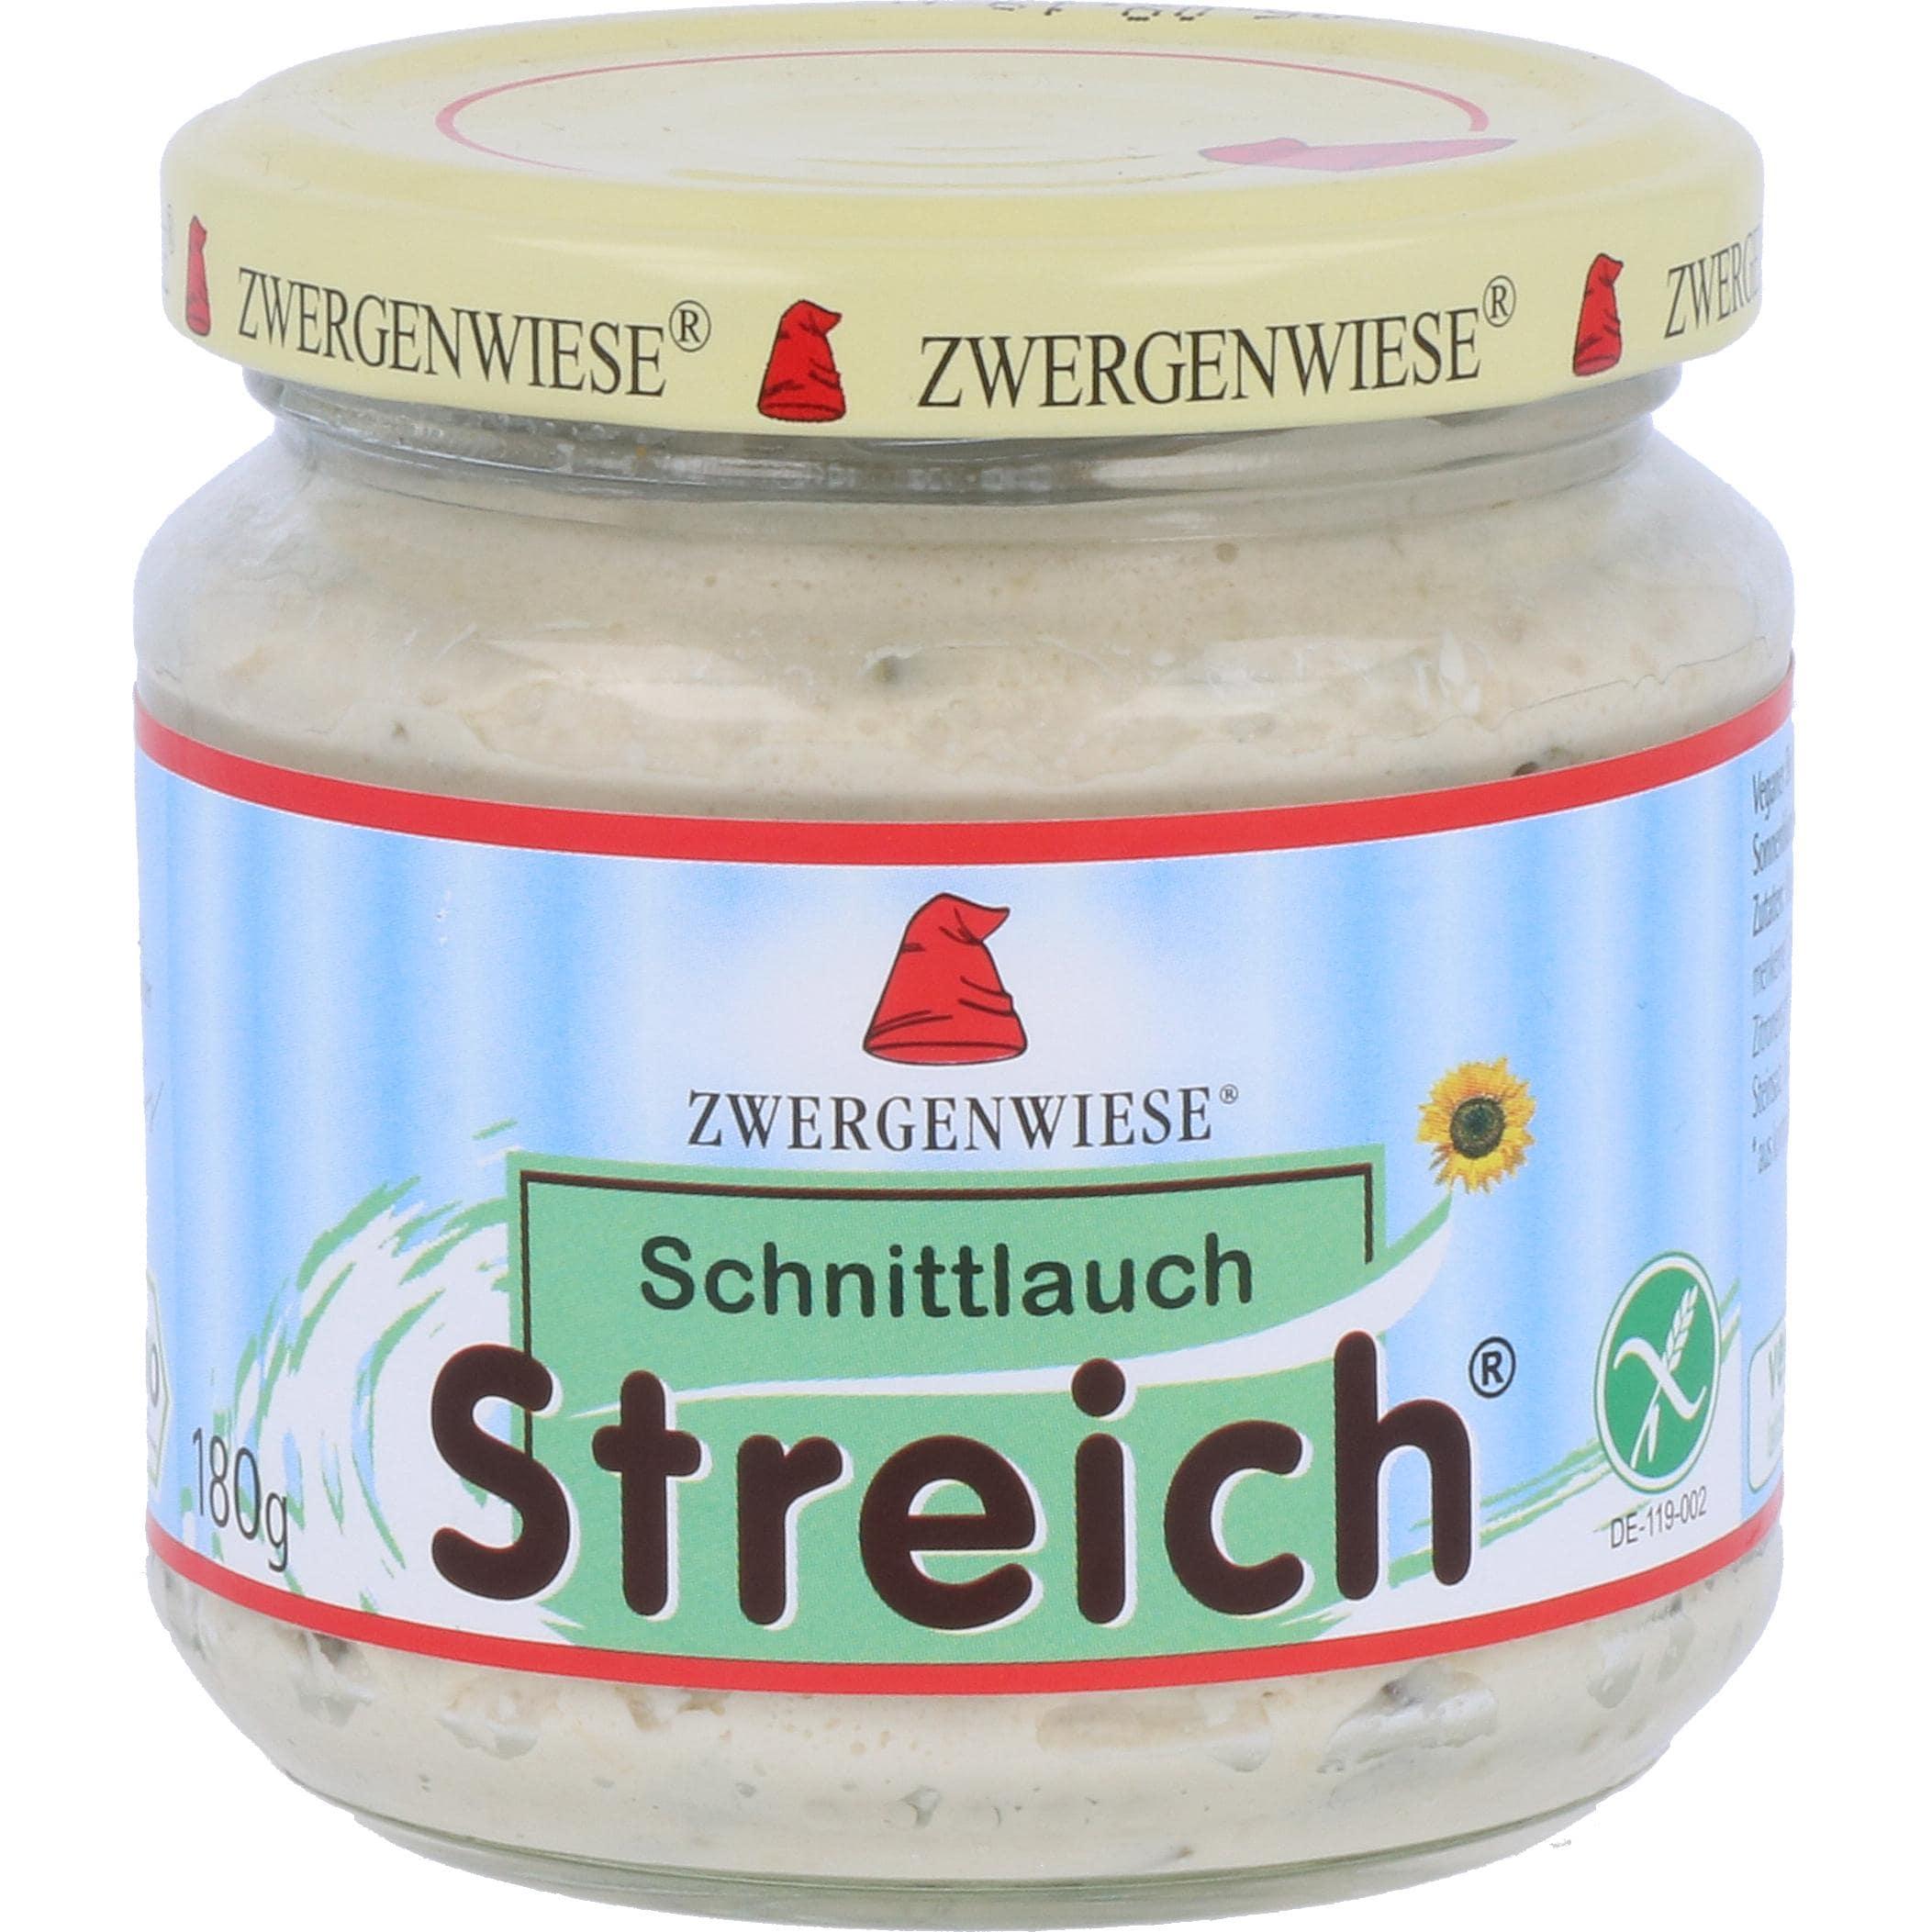 Zwergenwiese Bio Schnittlauch Streich 180g